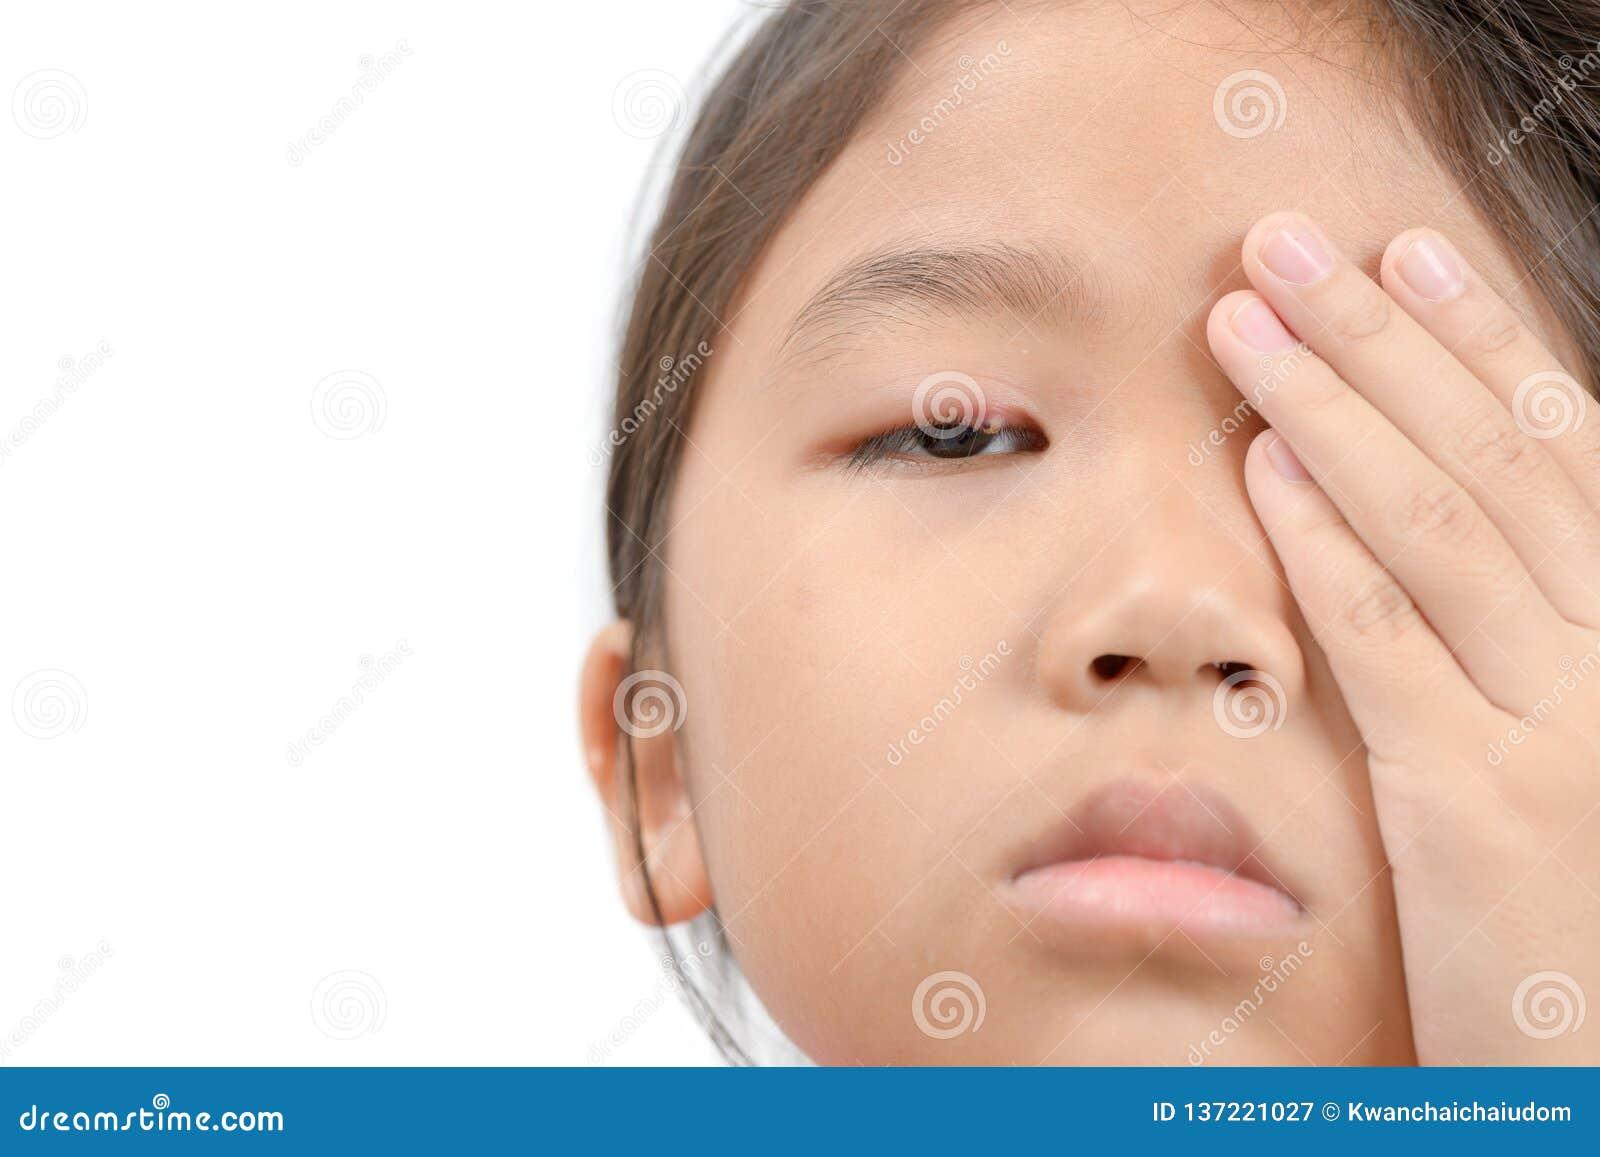 Sluit van Aziatisch meisje één geïsoleerde oog omhoog besmetting